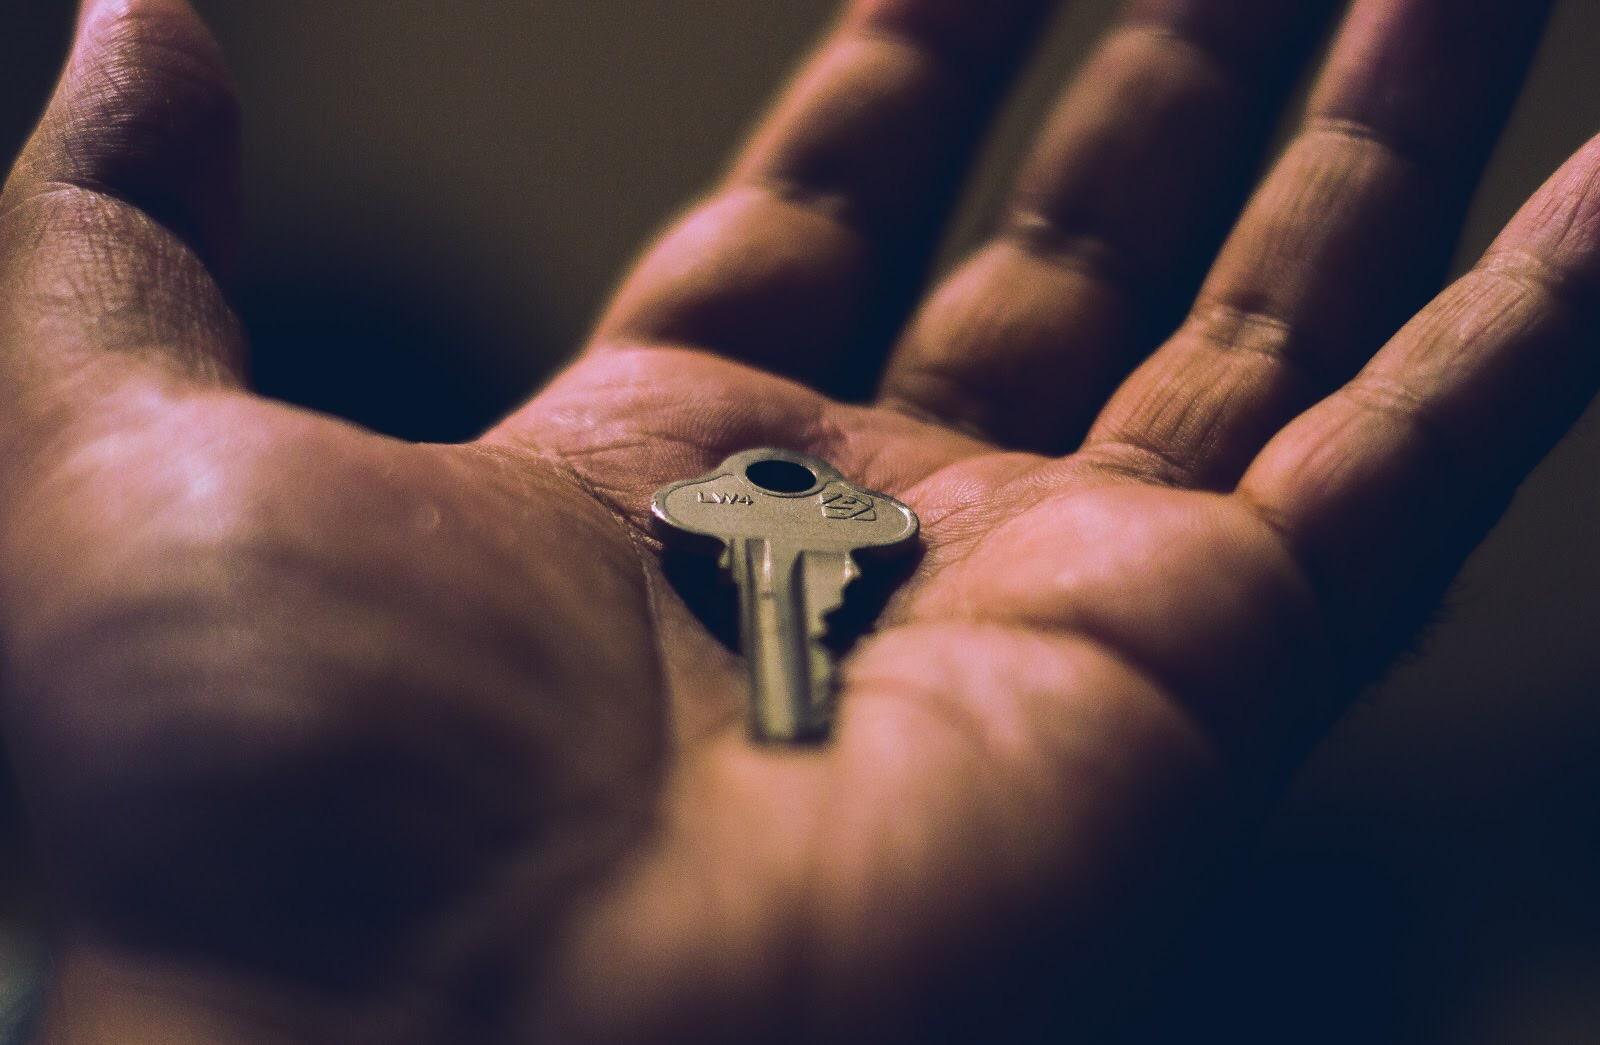 Na imagem, alguém segura uma chave na palma da mão.